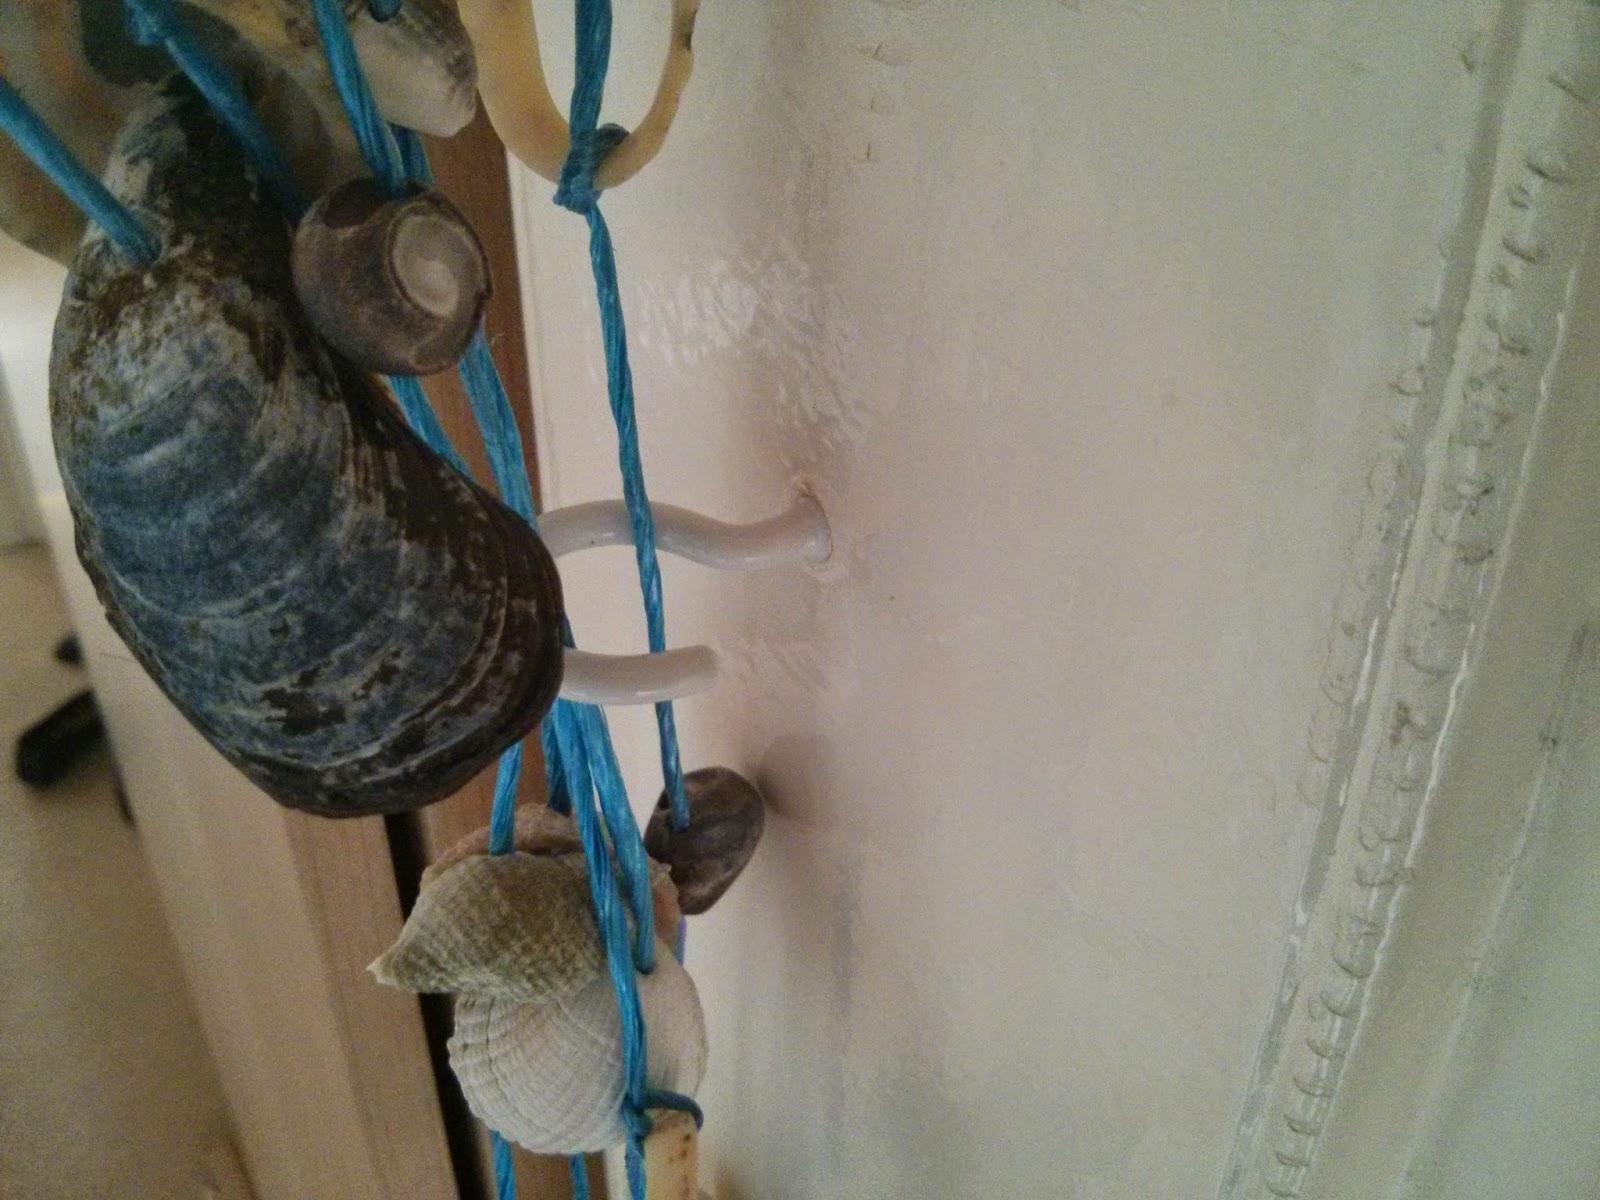 Az oldalsó kampók felszerelve a kagylófüggönyhöz